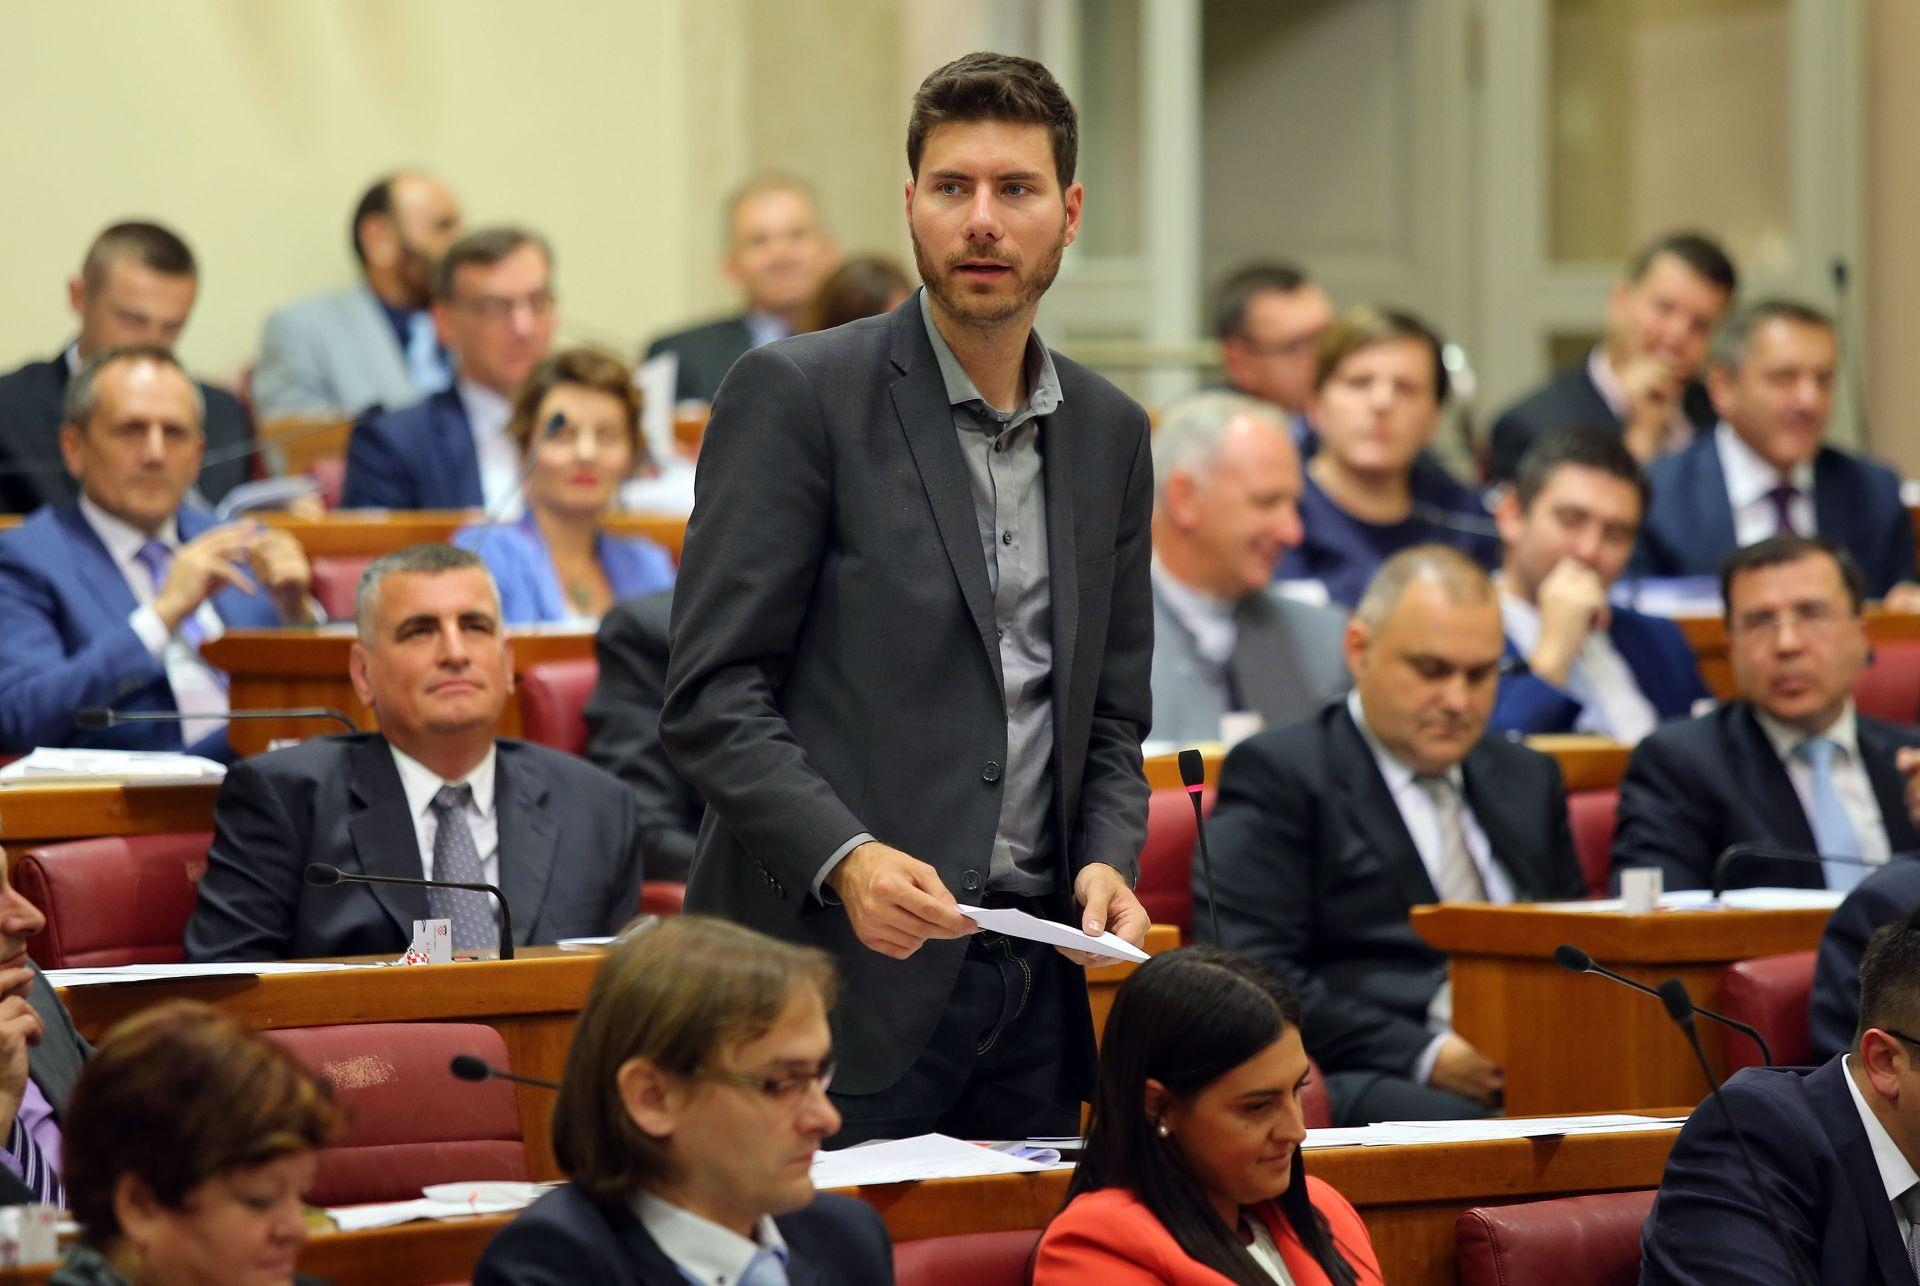 PERNAR NAPUSTIO STUDIO HRT-a: 'Nisam htio sudjelovati u farsi'